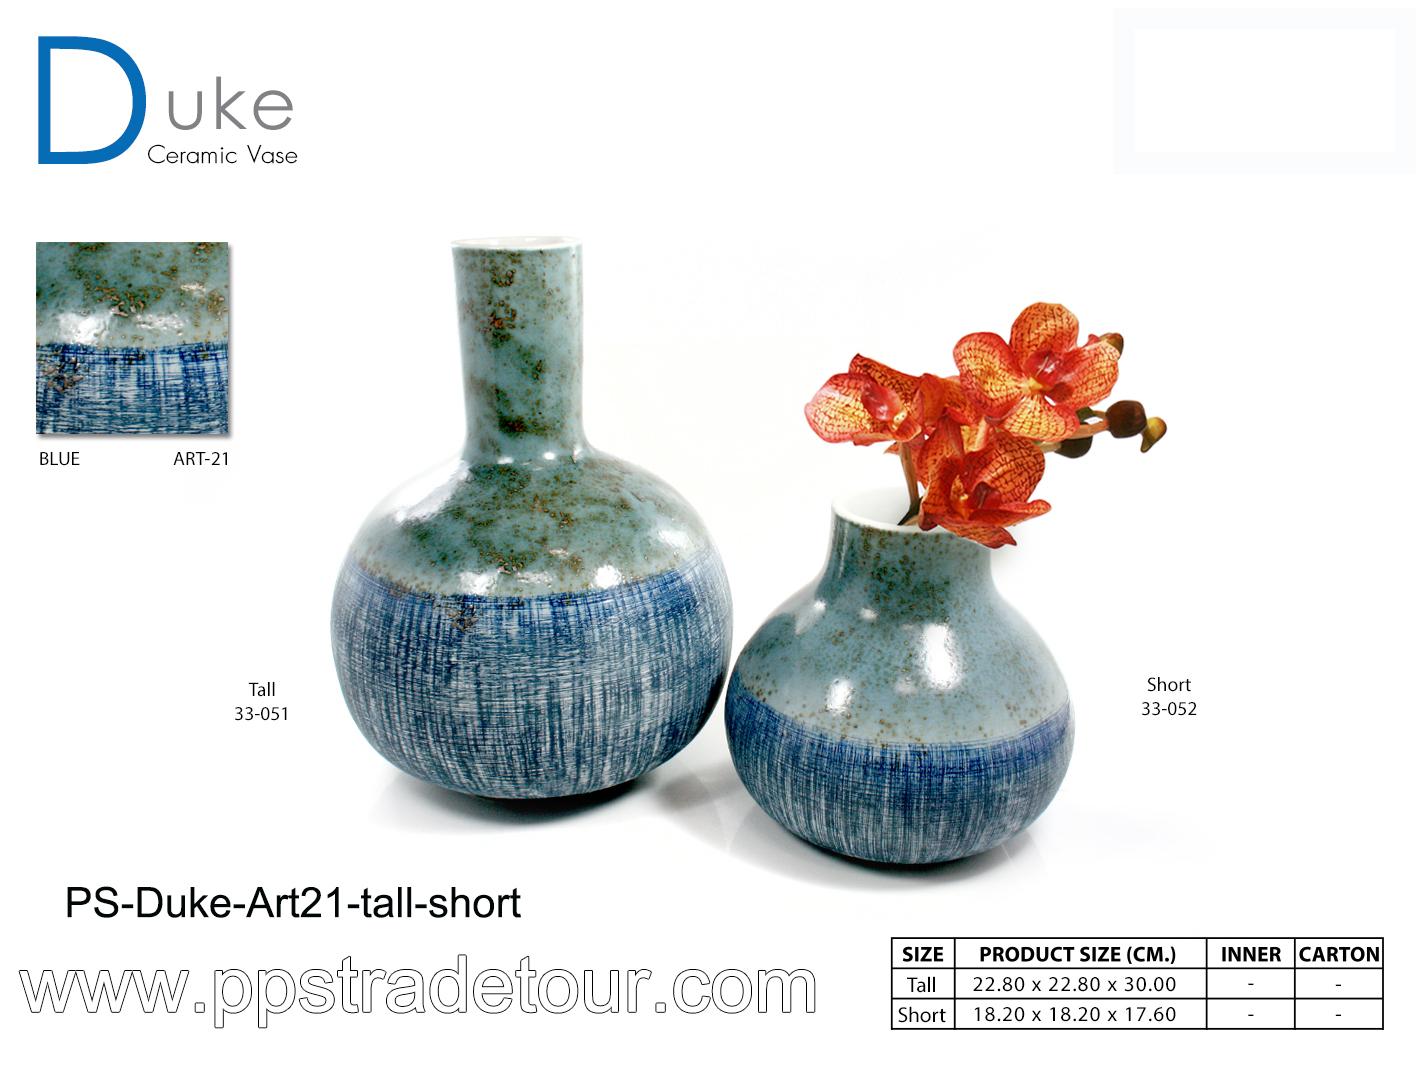 PSCV-Duke-Art21-tall-short